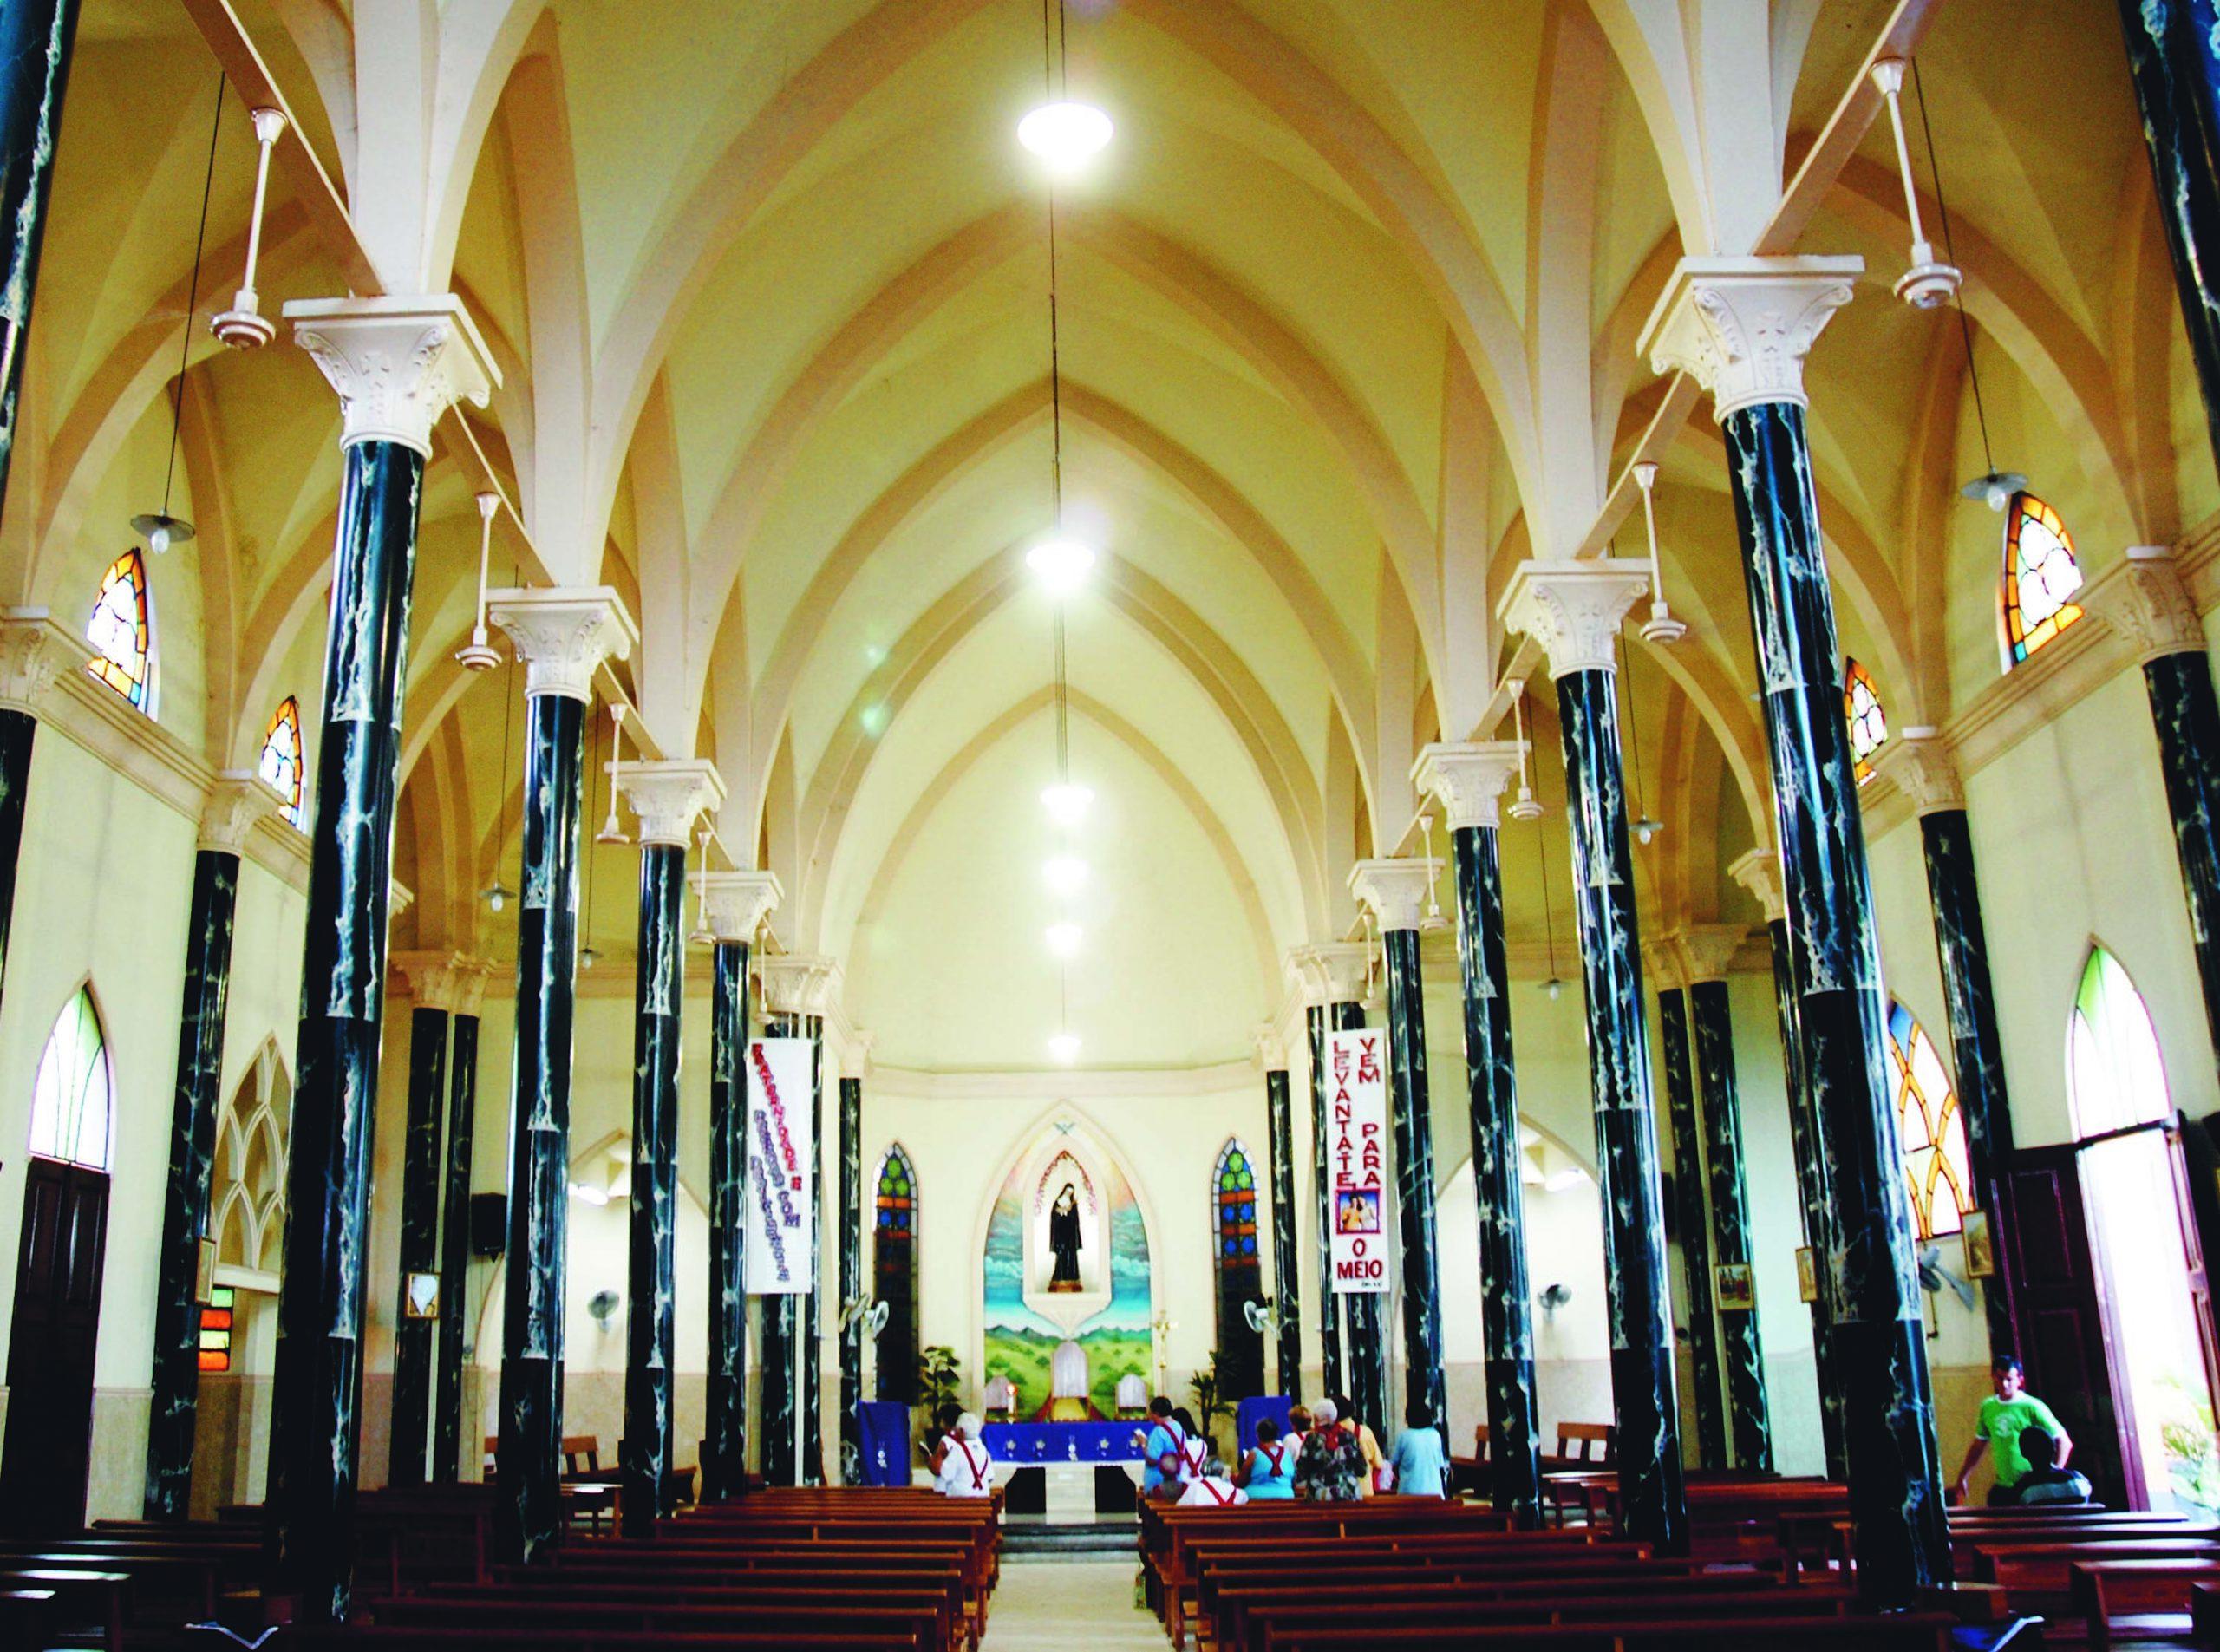 Nave Central da Igreja de Santa Rita de Cássia em Cachoeirinha